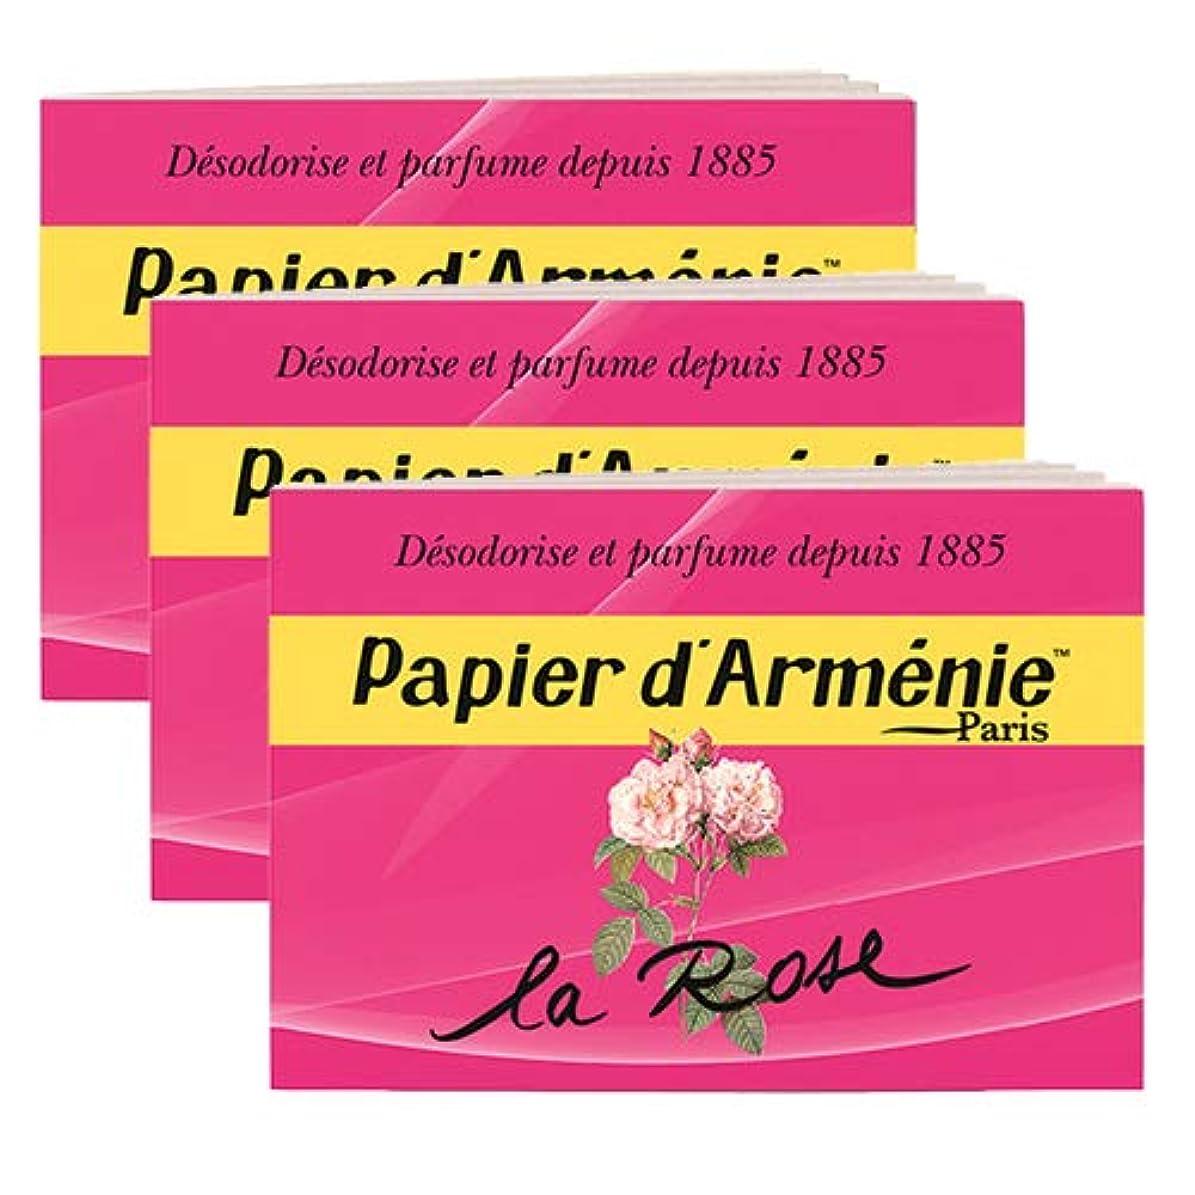 自慢寝てるコンテンポラリー【パピエダルメニイ】トリプル 3×12枚(36回分) 3個セット ローズ 紙のお香 インセンス アロマペーパー PAPIER D'ARMENIE [並行輸入品]